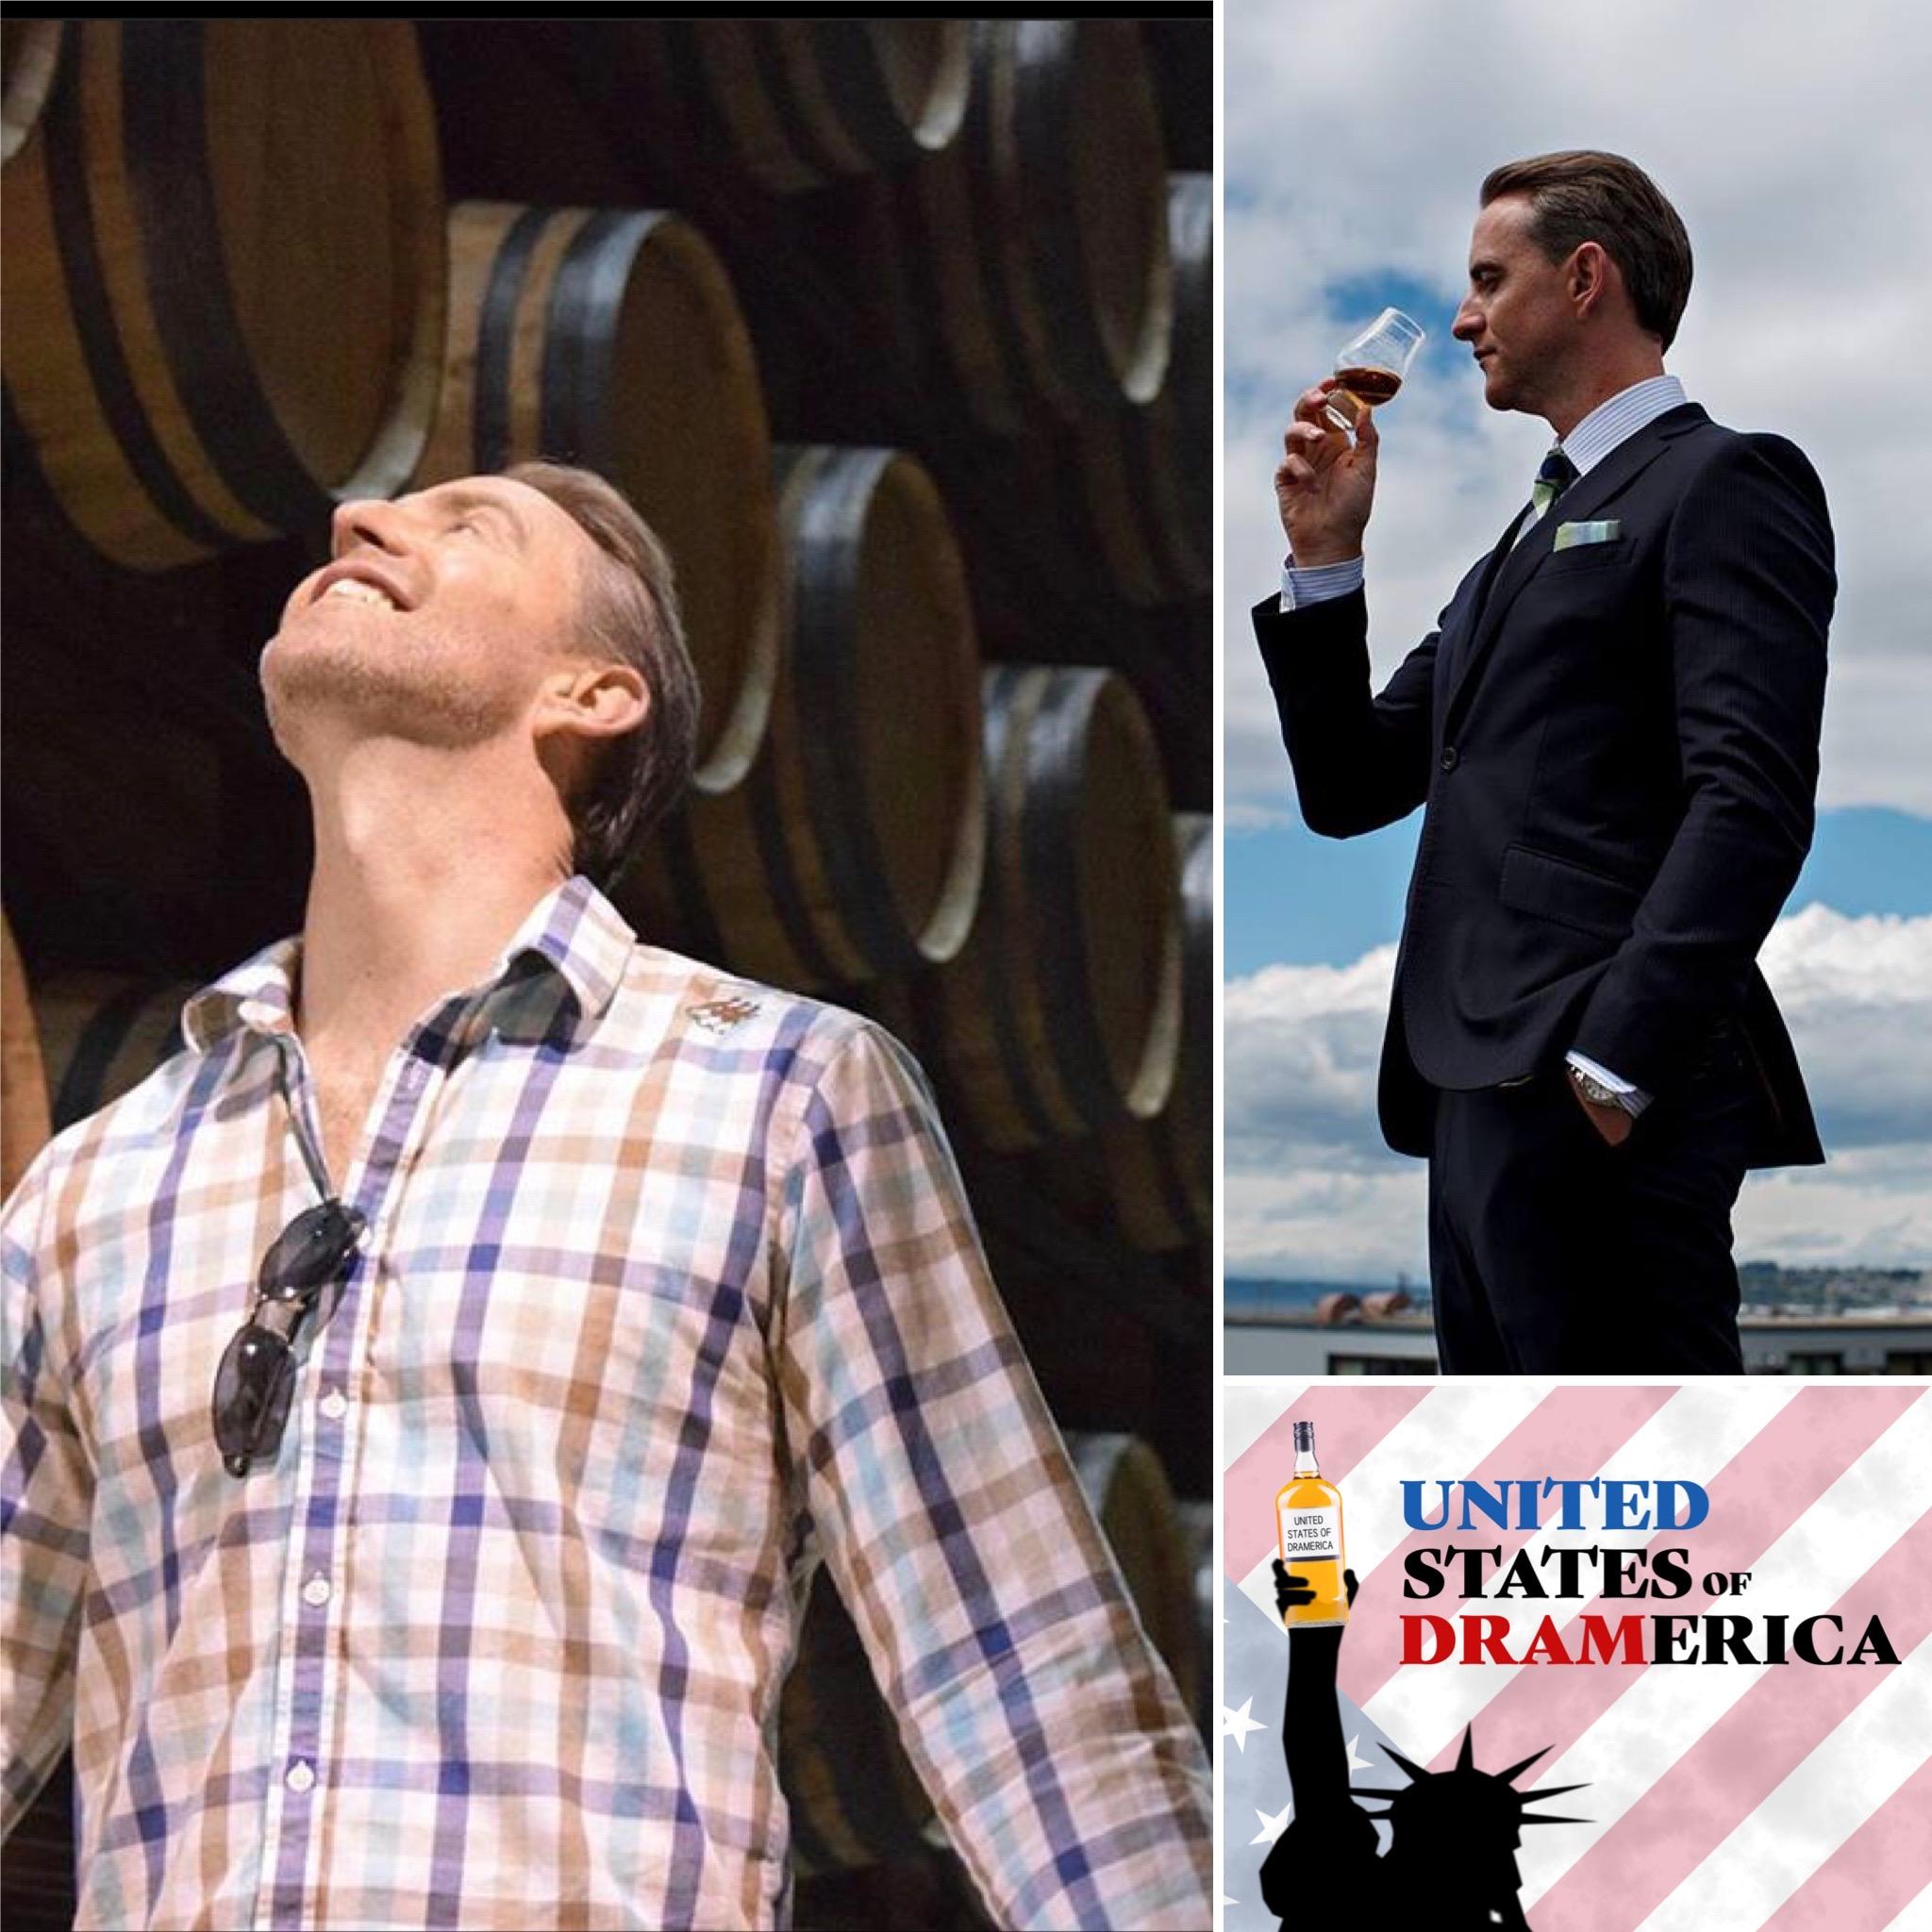 Episode 42 - David Laird, luxury whisky specialist